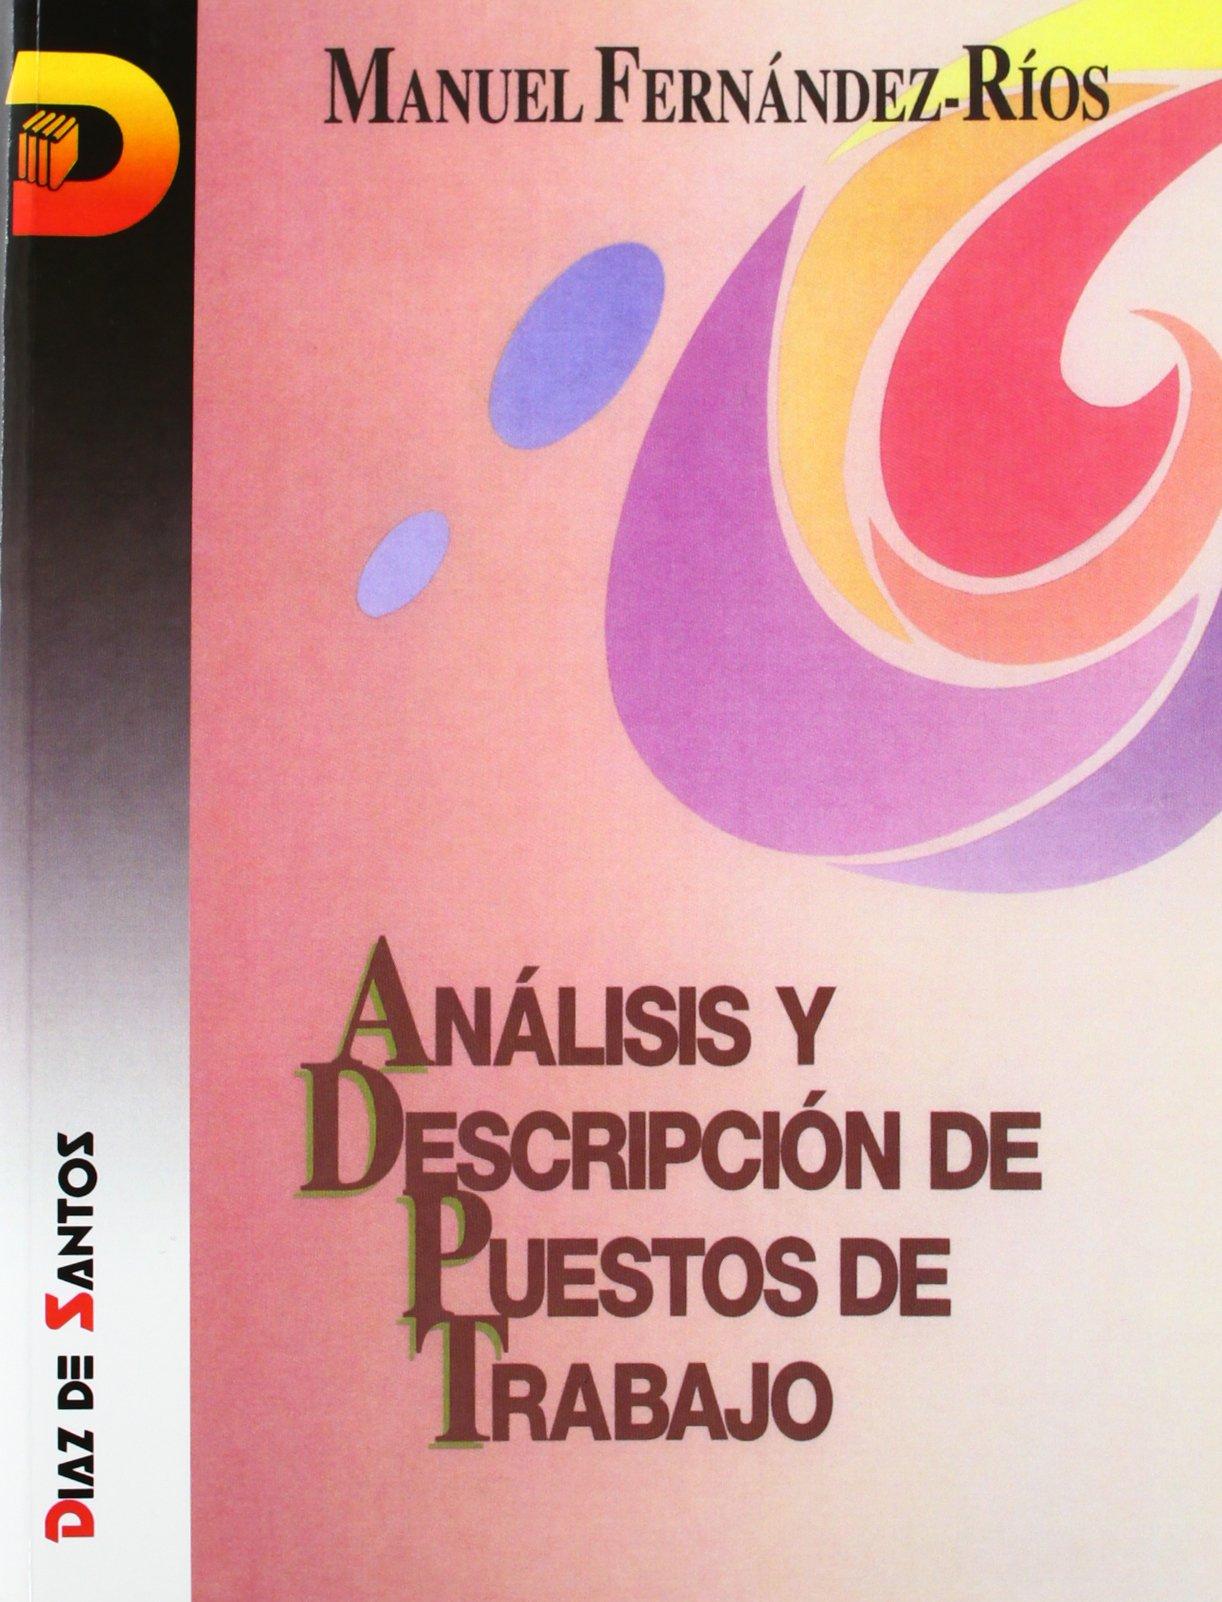 Analisis Y Descripcion De Los Puestos De Trabajo: Amazon.es: Manuel Fernández Rios: Libros